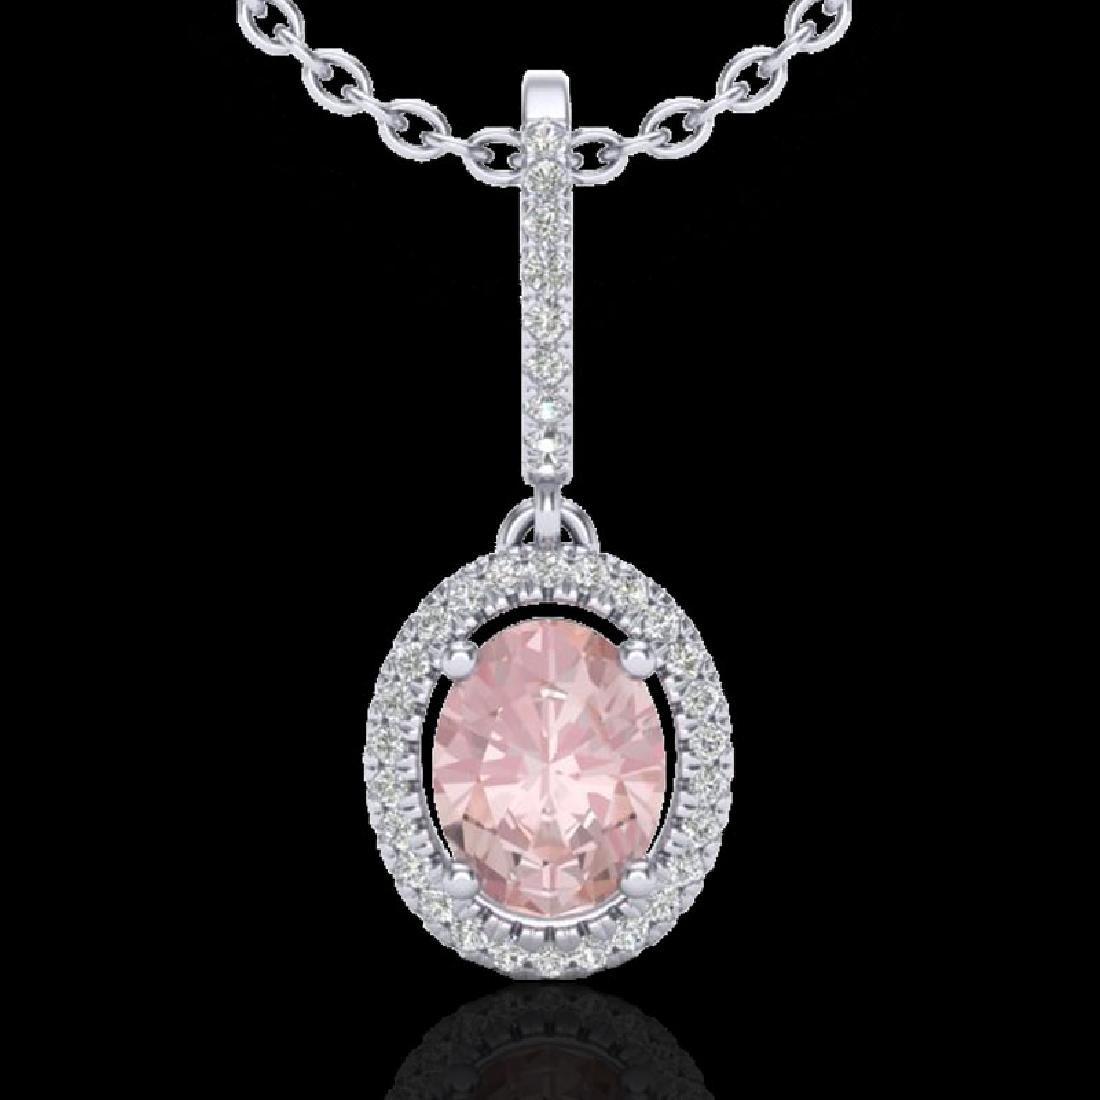 1.60 CTW Morganite & Micro VS/SI Diamond Necklace